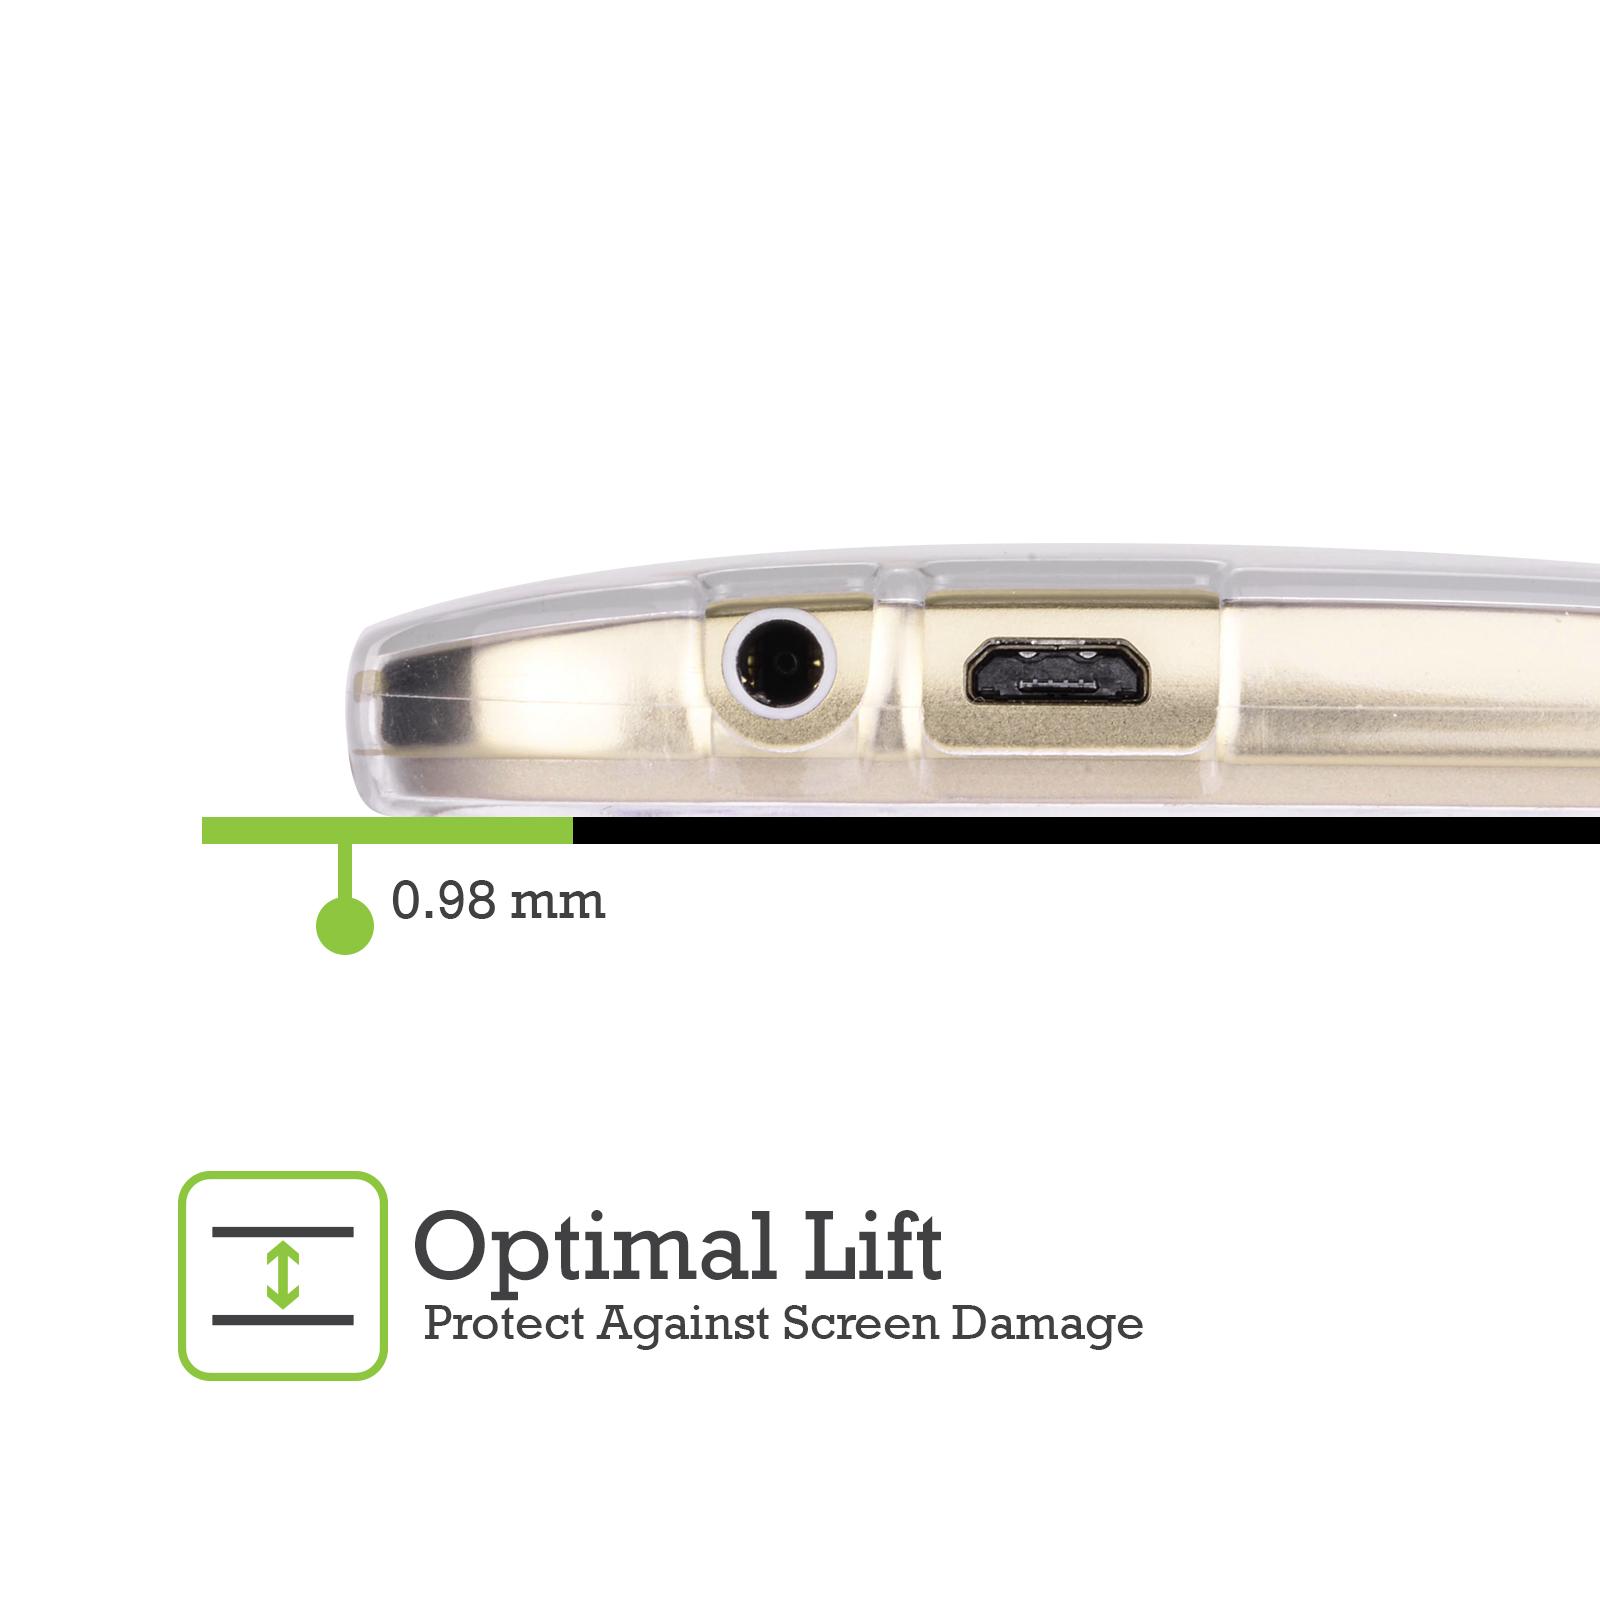 HEAD-CASE-DESIGNS-PLUS-SIZE-ENCOURAGEMENTS-SOFT-GEL-CASE-FOR-HTC-PHONES-1